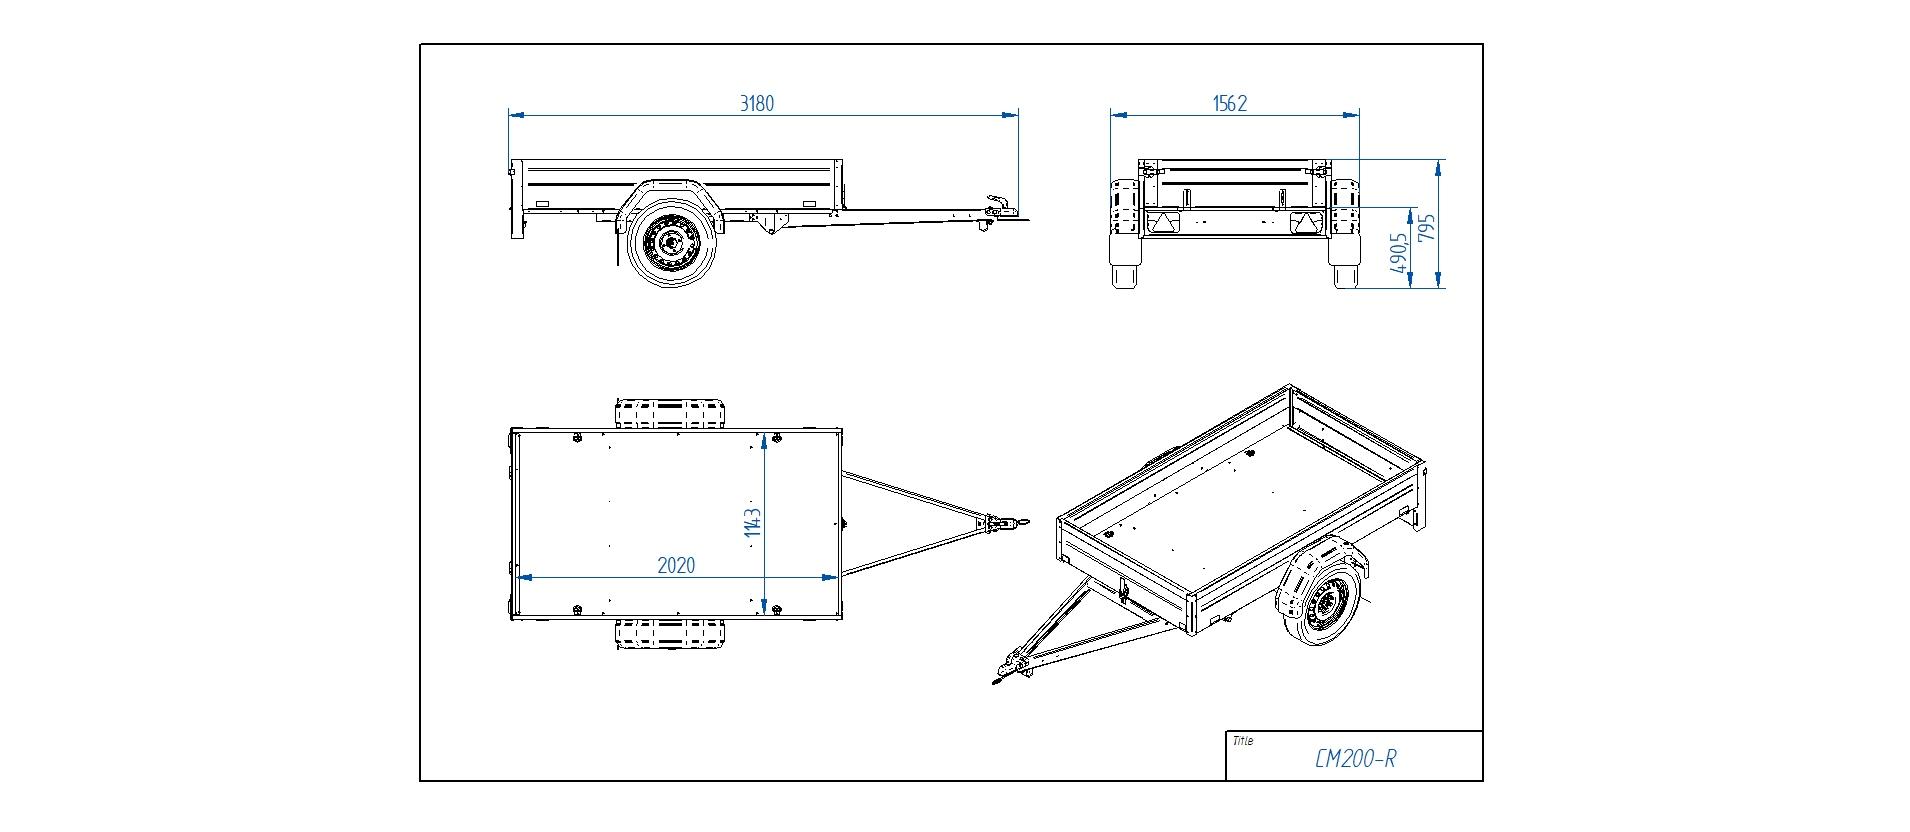 CM200-R [Priekabų standartinė įranga gali skirtis nuo pavaizduotos komplektacijos paveiksliuke]